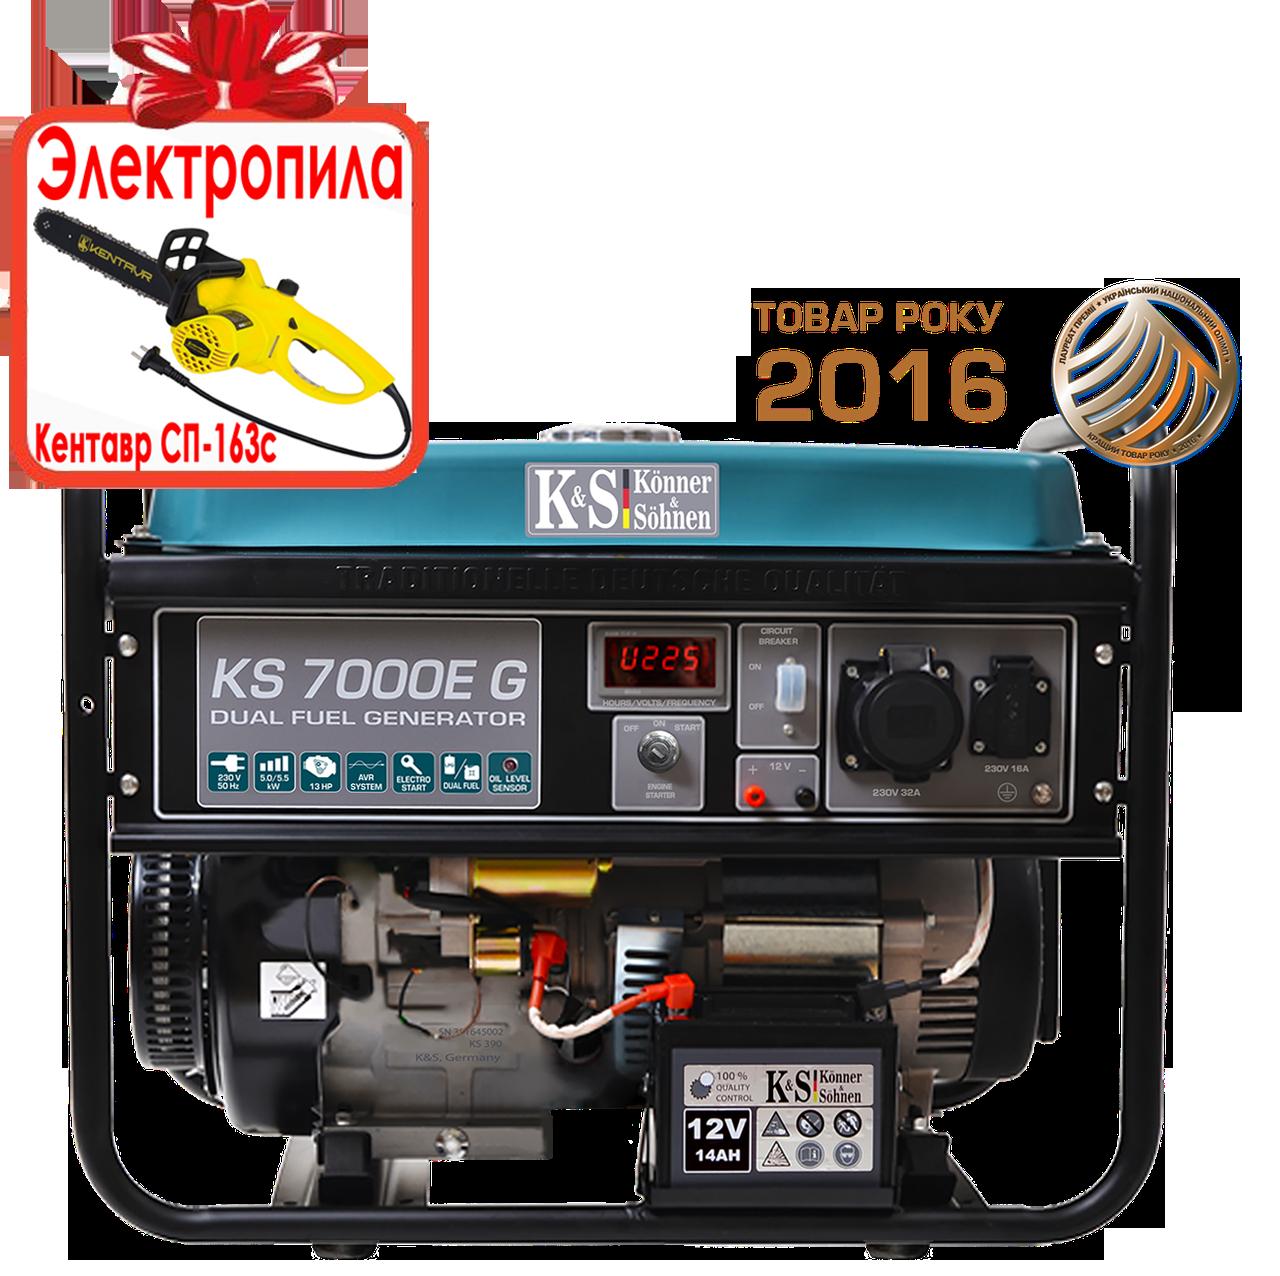 Генератор газобензиновый Konner&Sohnen KS 7000Е G (5,5кВт)